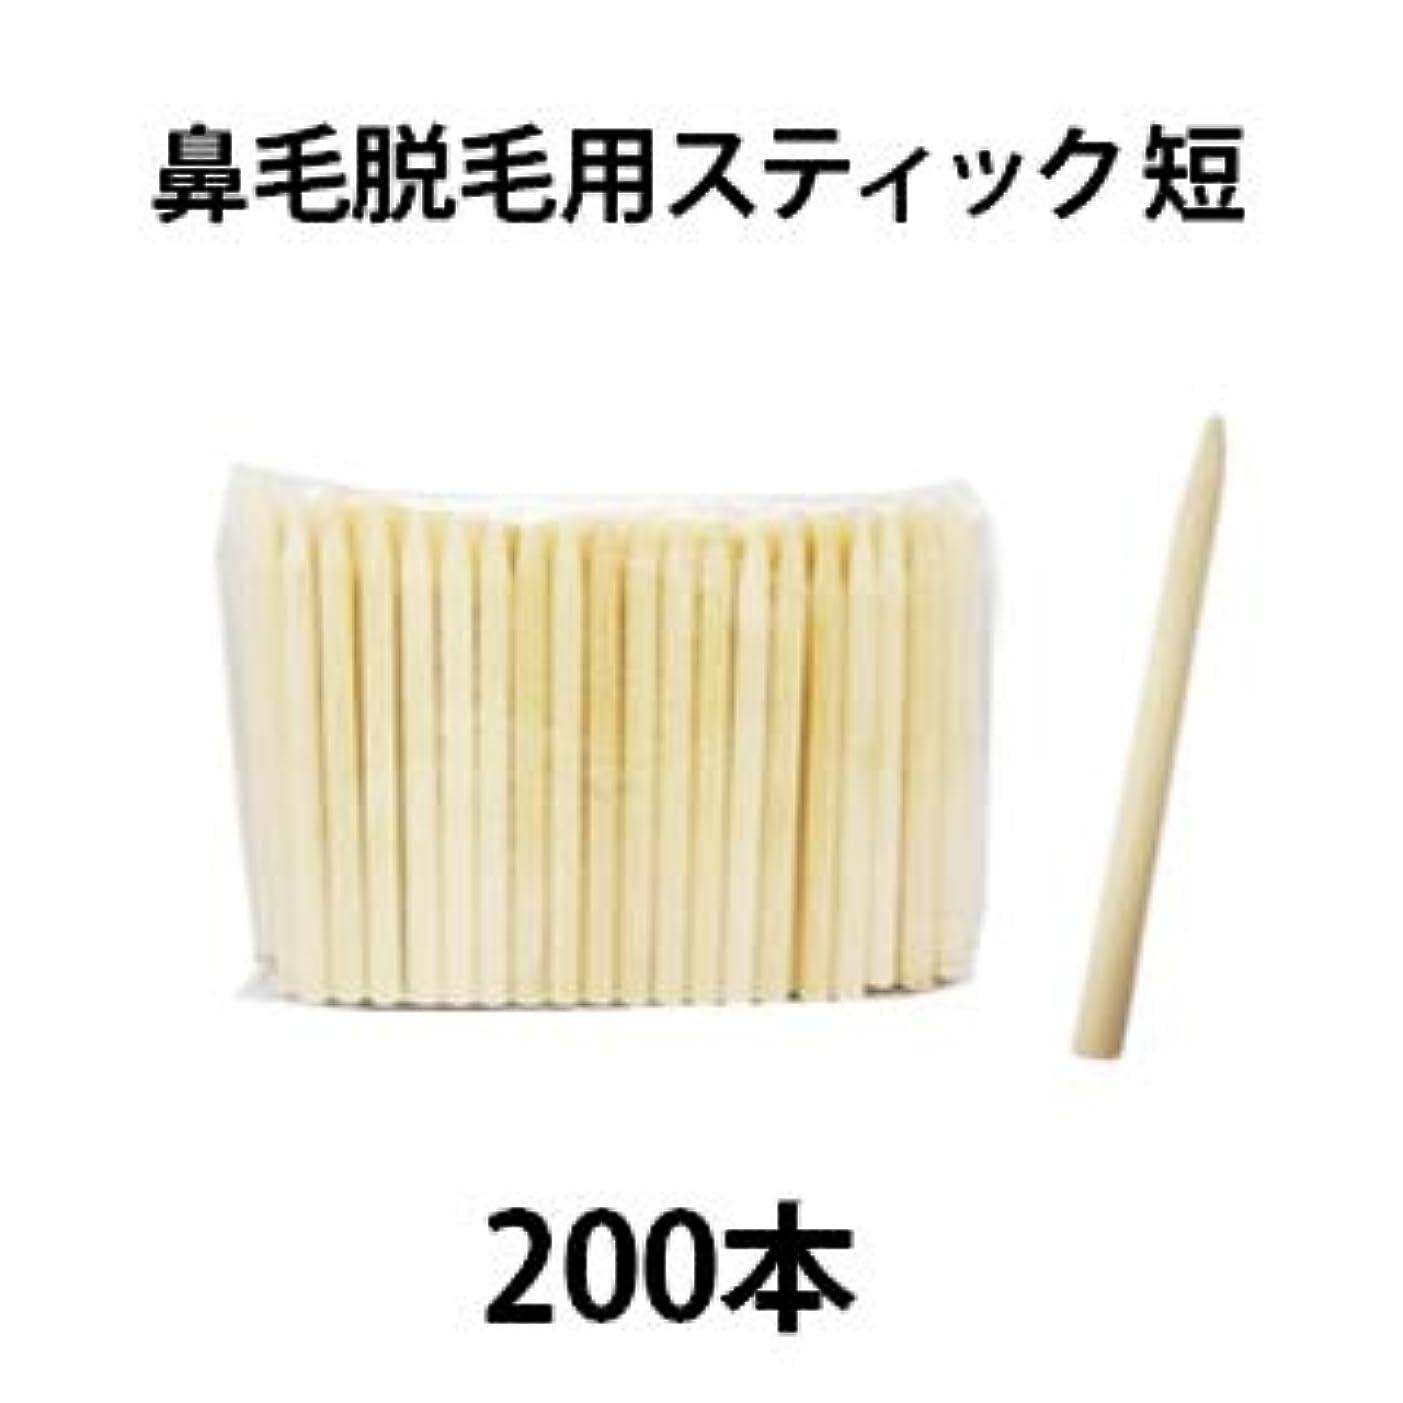 スキッパーロバ炭素【短 鼻毛脱毛】ウッドスティック 短 200本 75mm